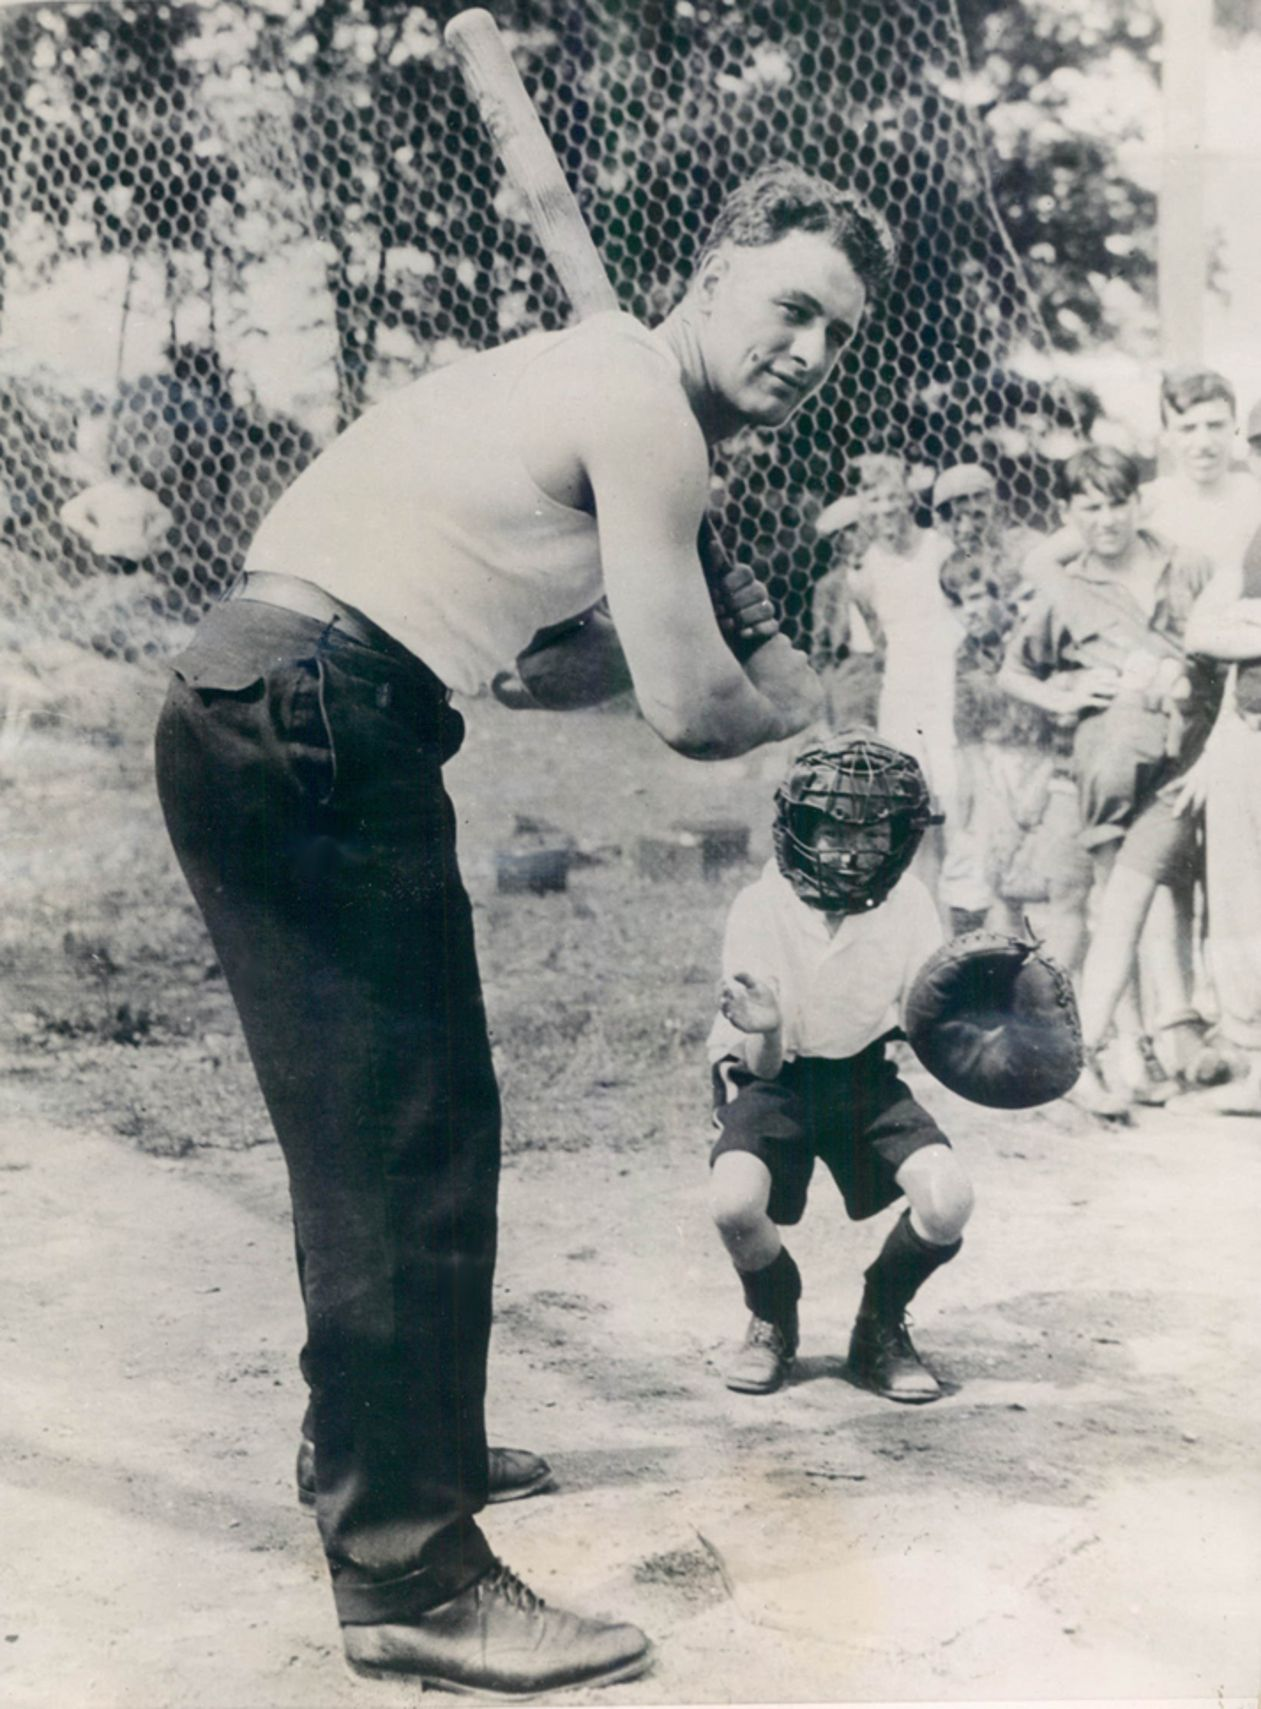 lou gehrig sandlot game 11 2 1927